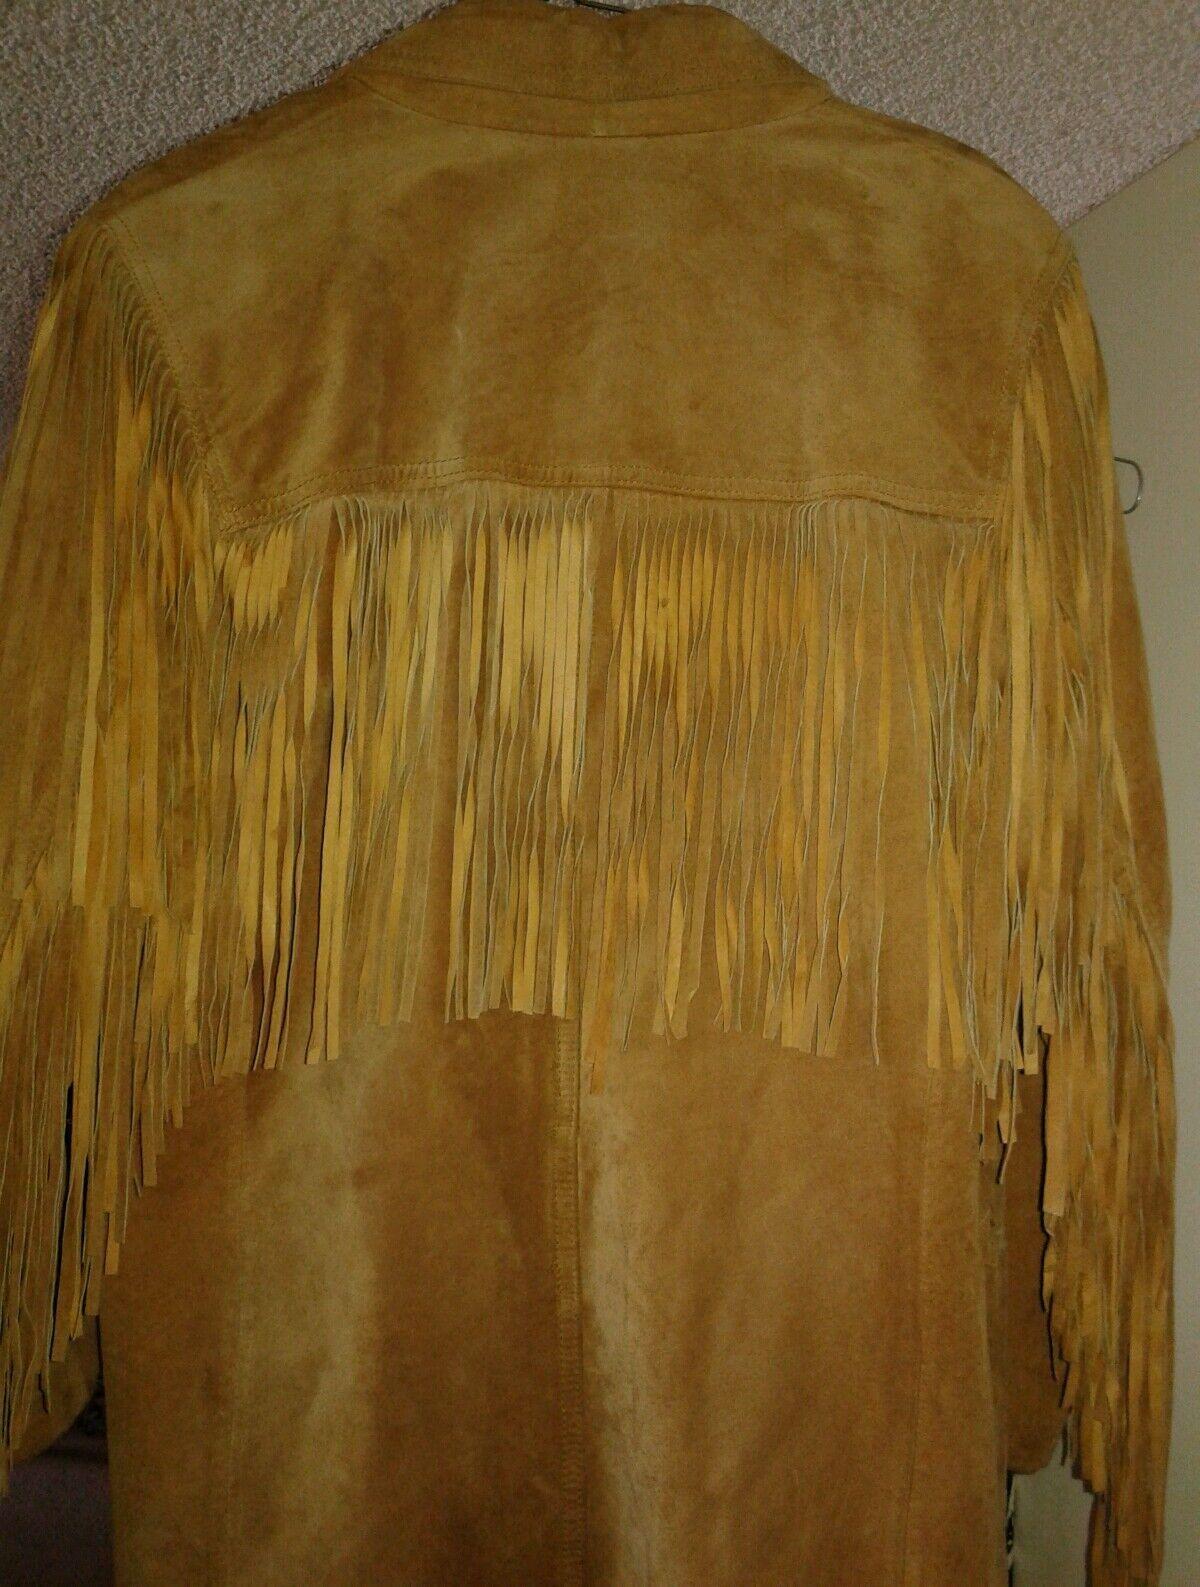 la nauicelle Renaissance Leather fringed Jacket - image 3